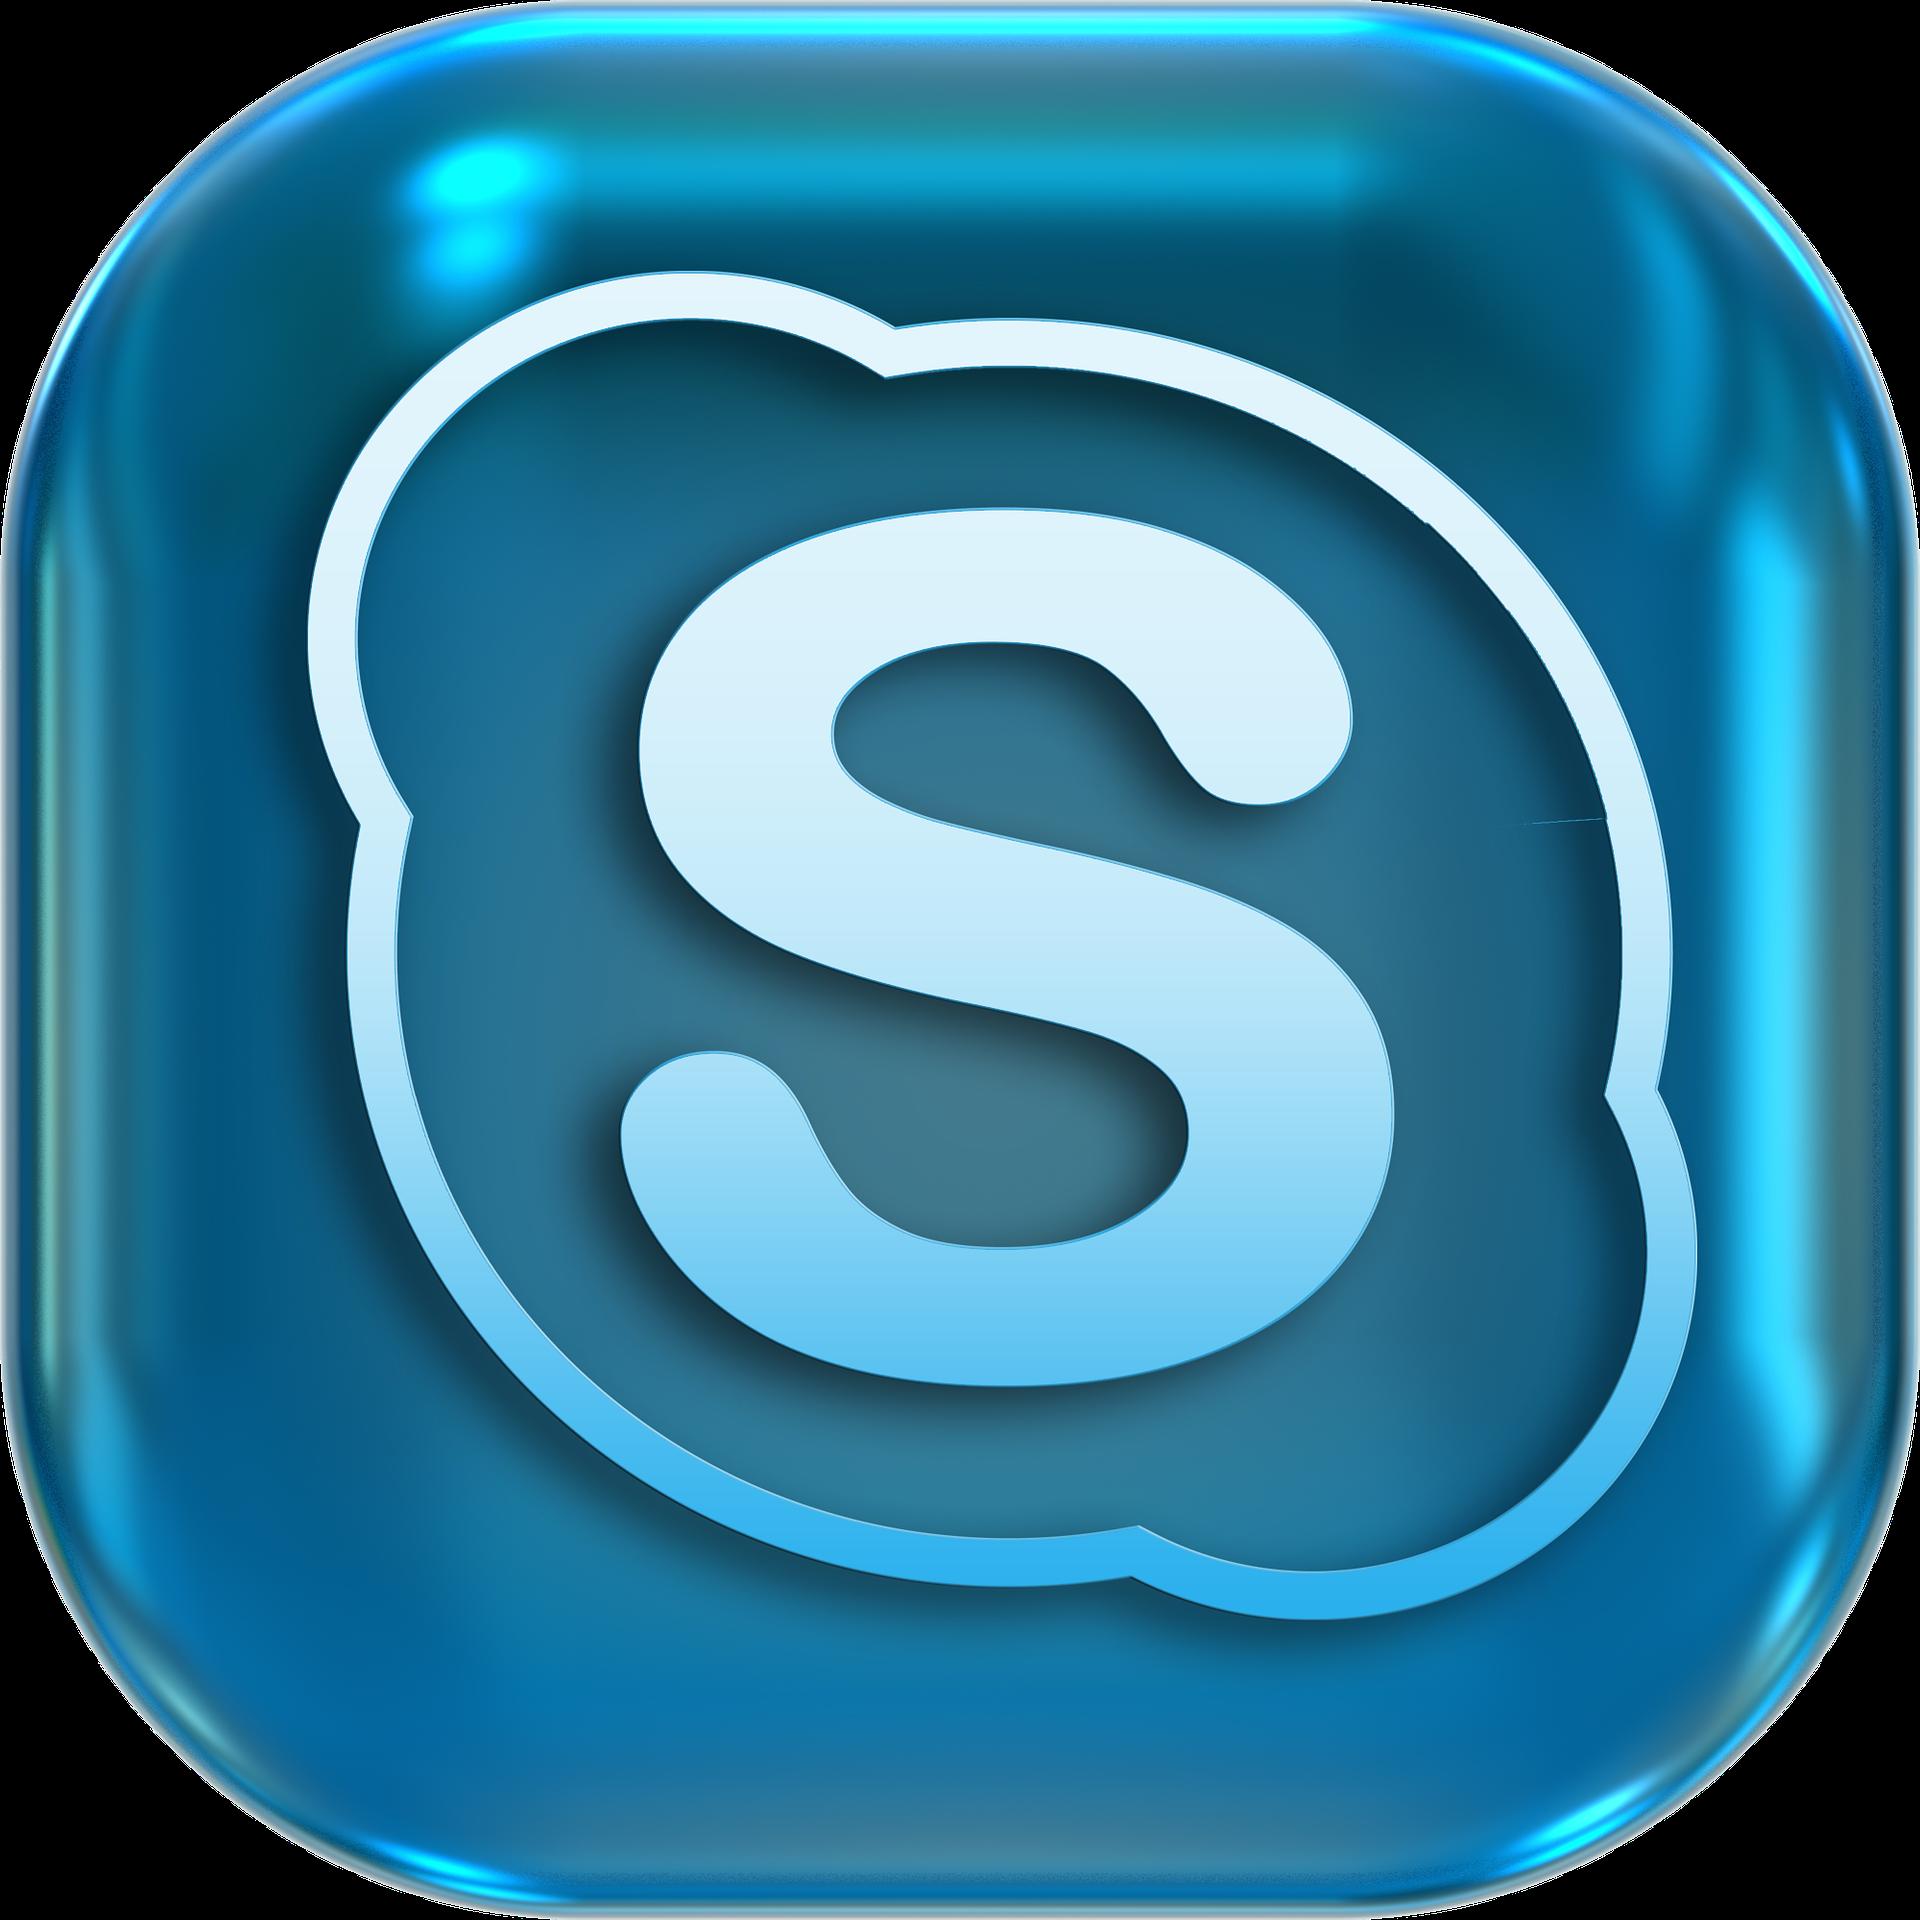 Obrázek: Skype se dočká další úpravy vzhledu, Microsoft jej zjednoduší a zpřehlední